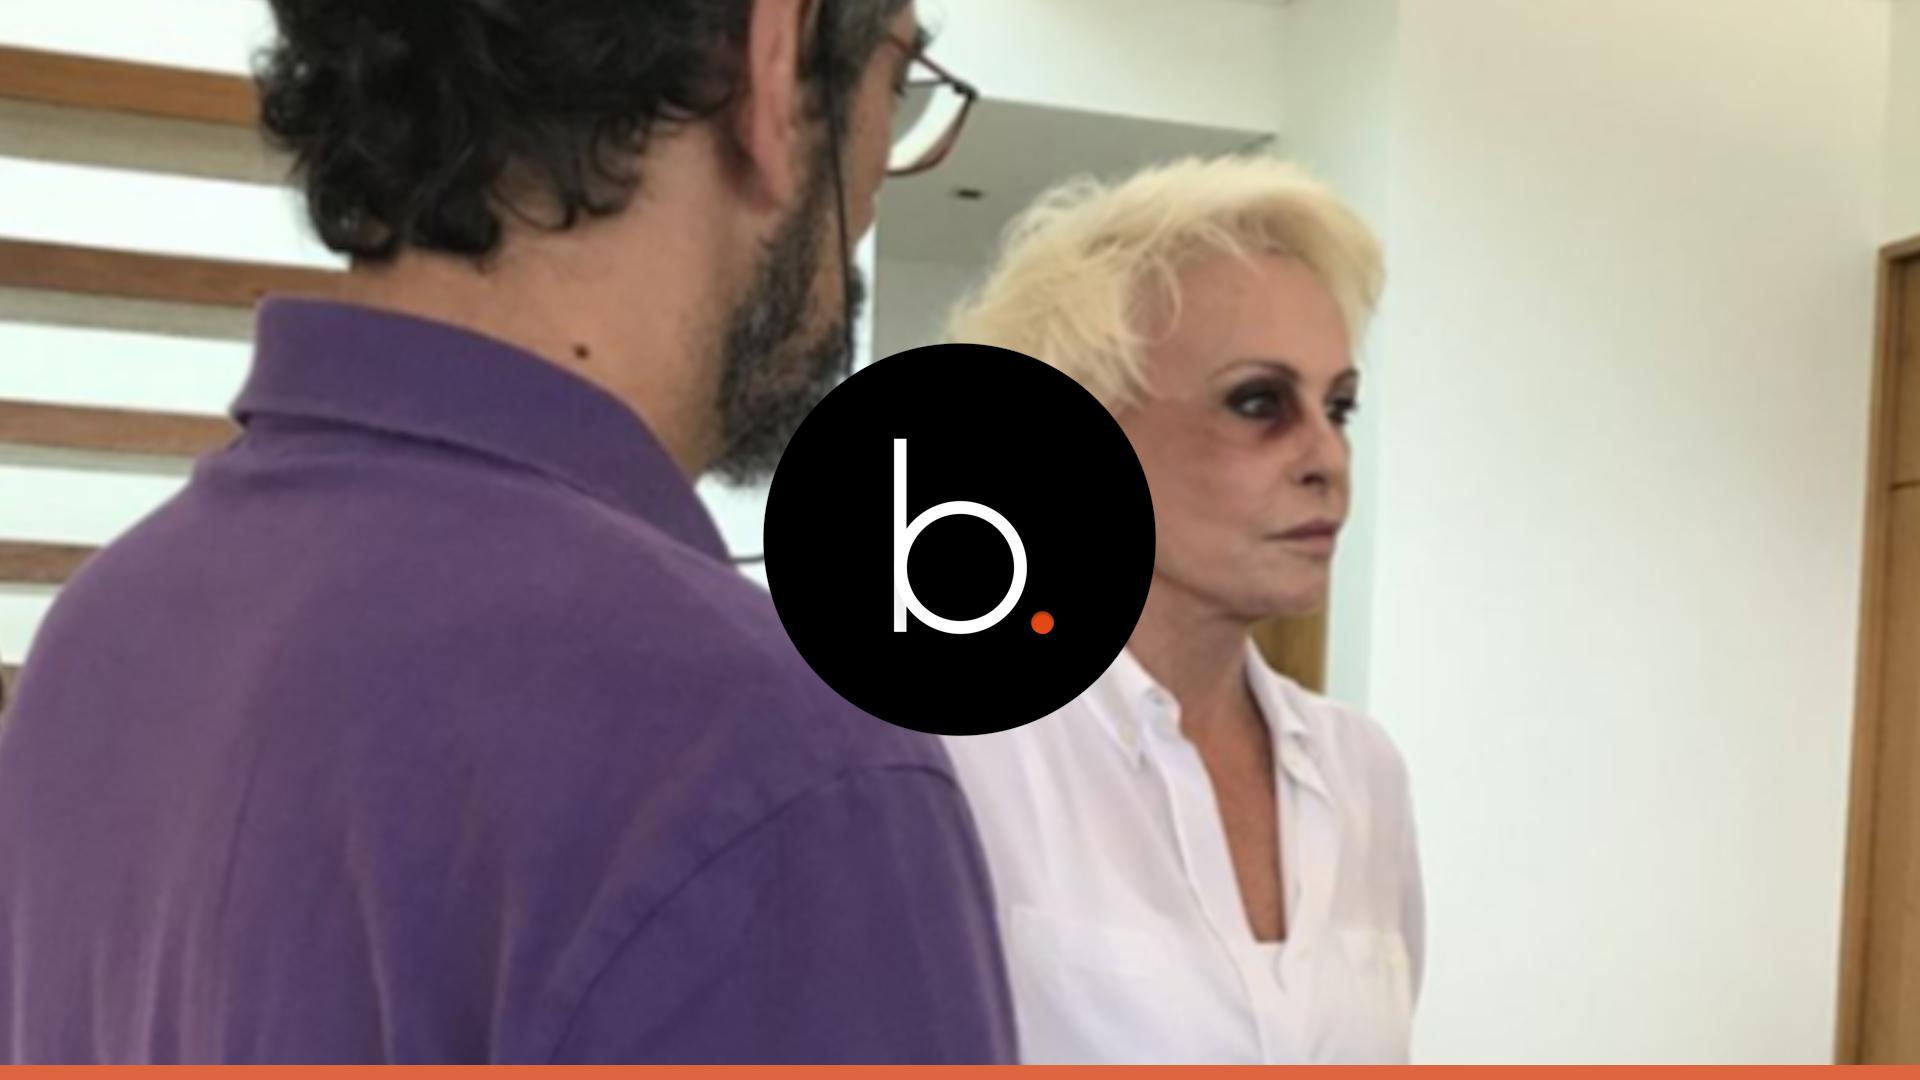 Vídeo emociona: com olho roxo, Ana Braga confessa realidade aterradora: 'Basta'